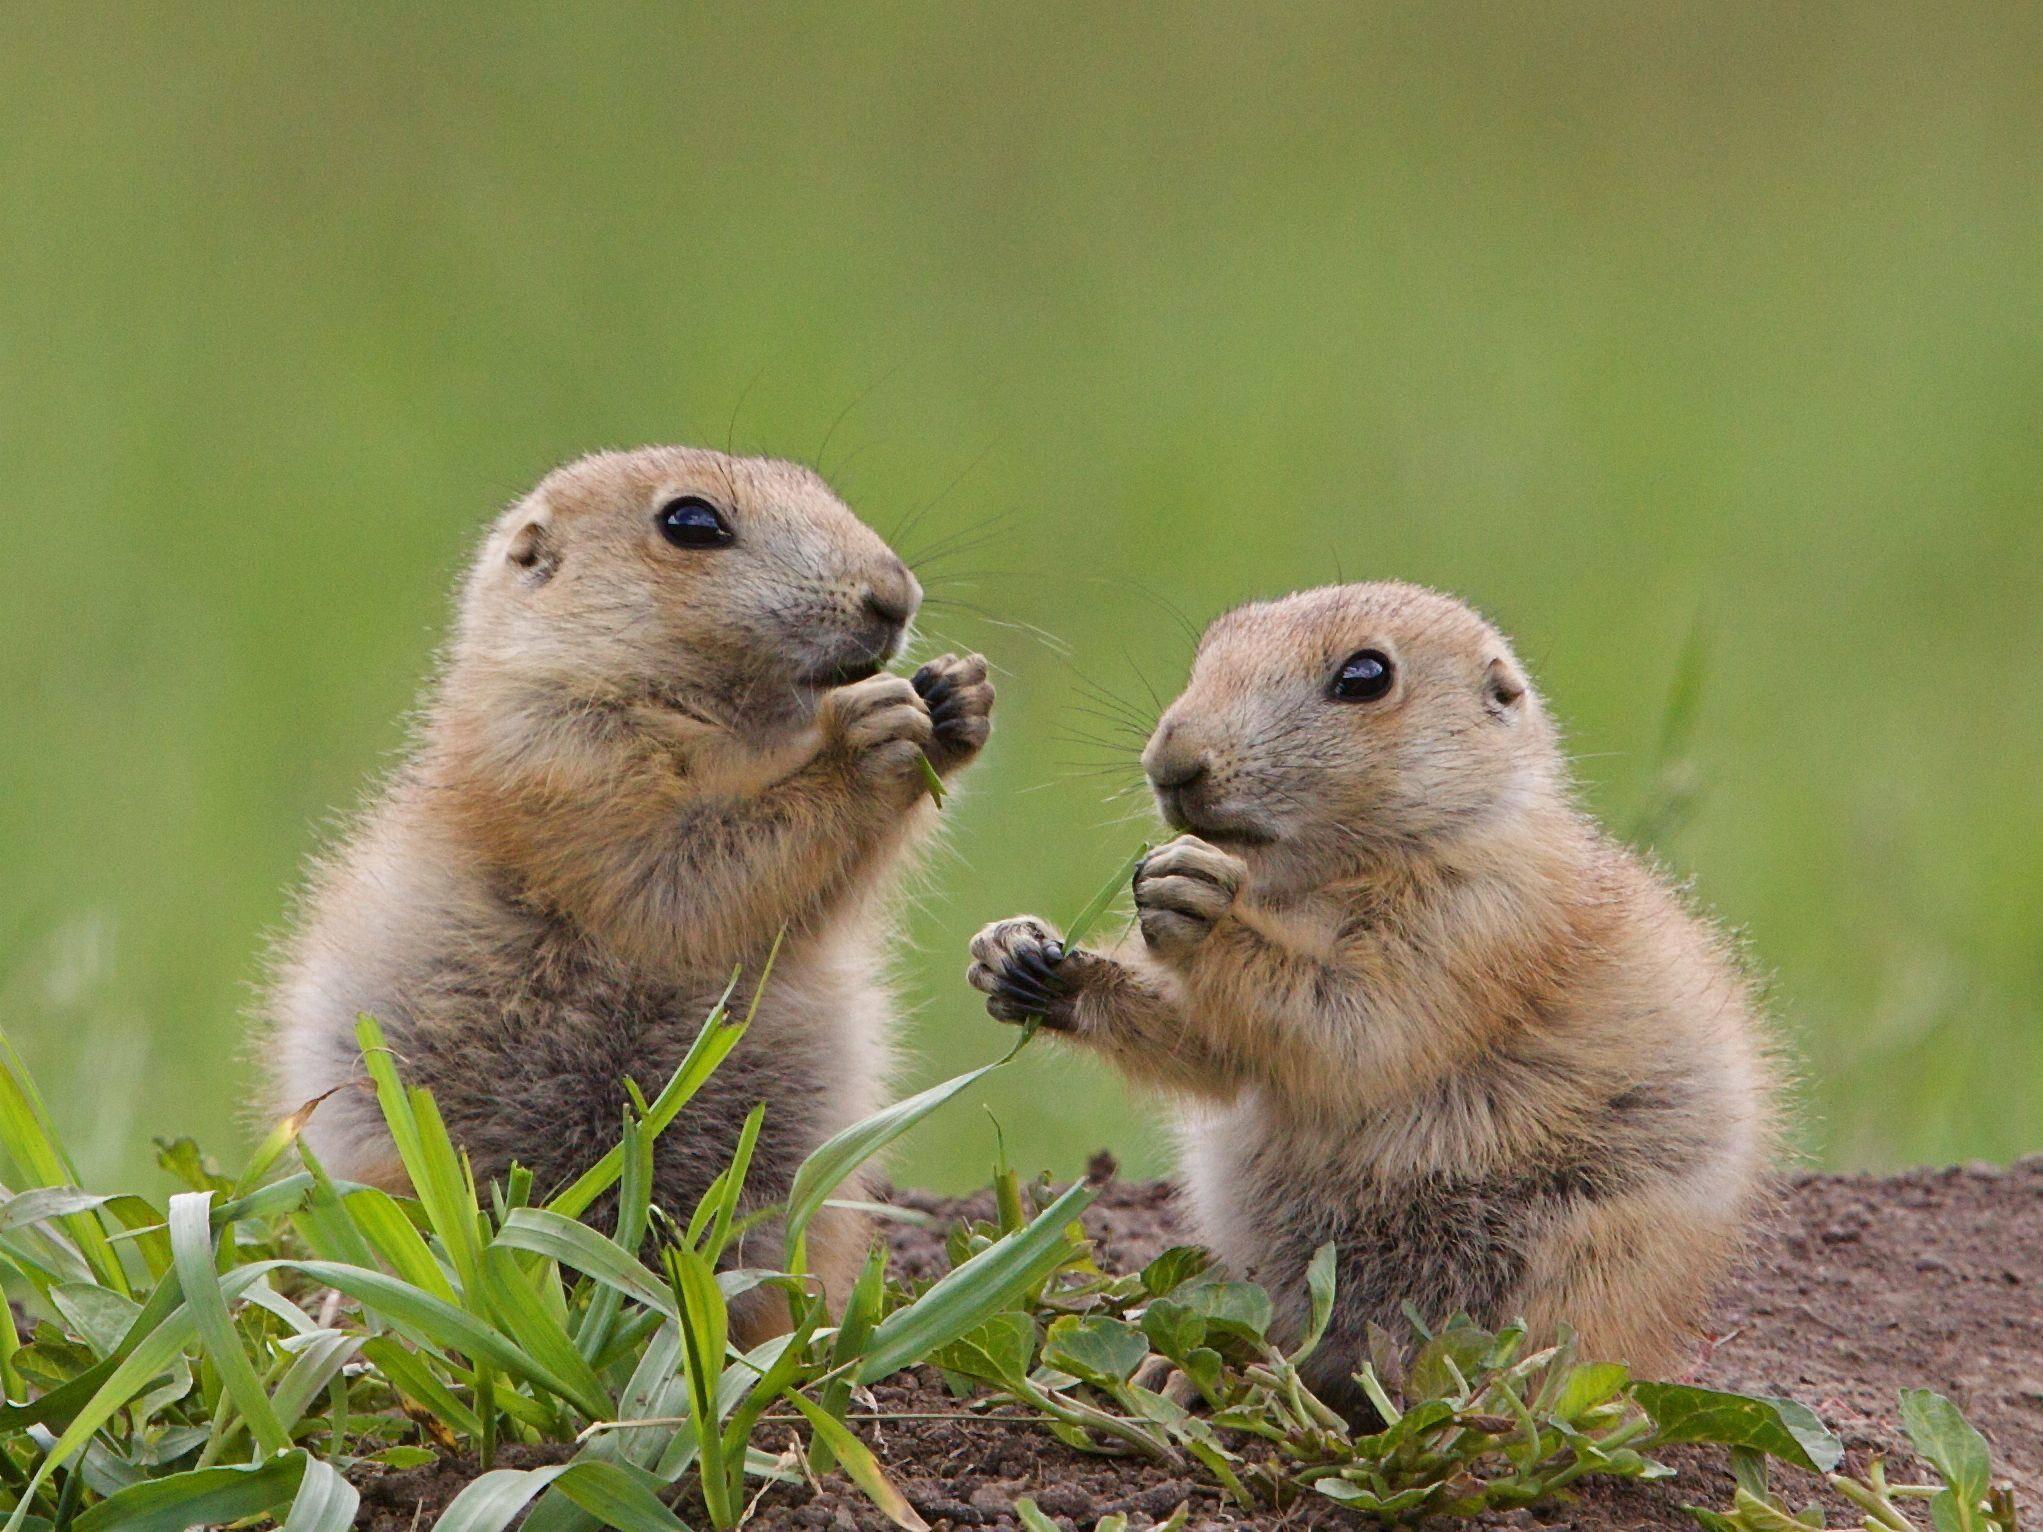 Lieblingsessen der Präriehunde: Gräser — Bild: Shutterstock / Tom Reichner